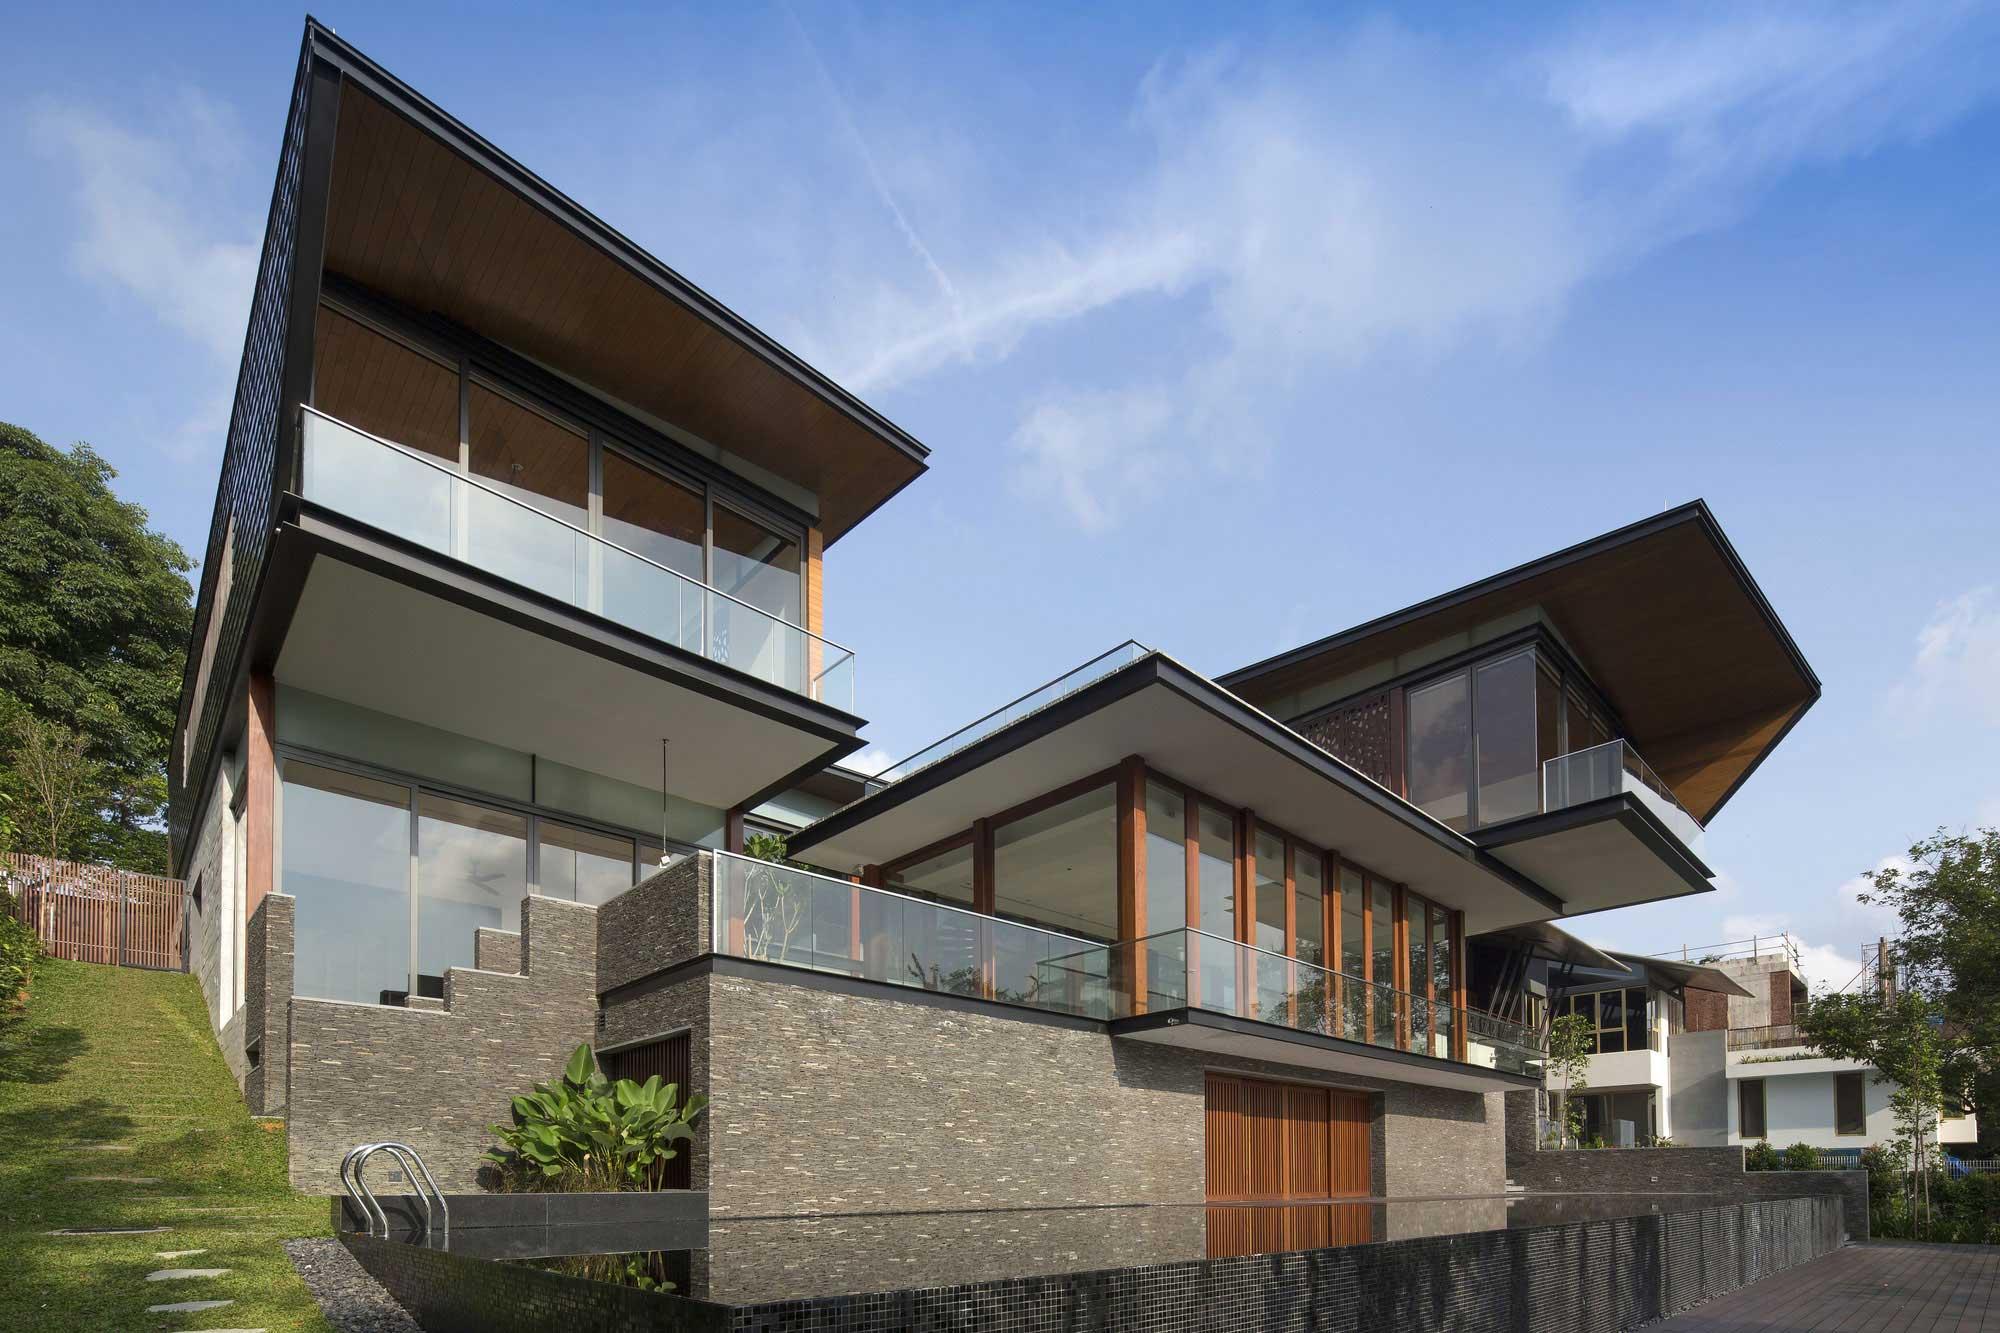 Singapour construire tendance - La residence exotique fish house singapour ...